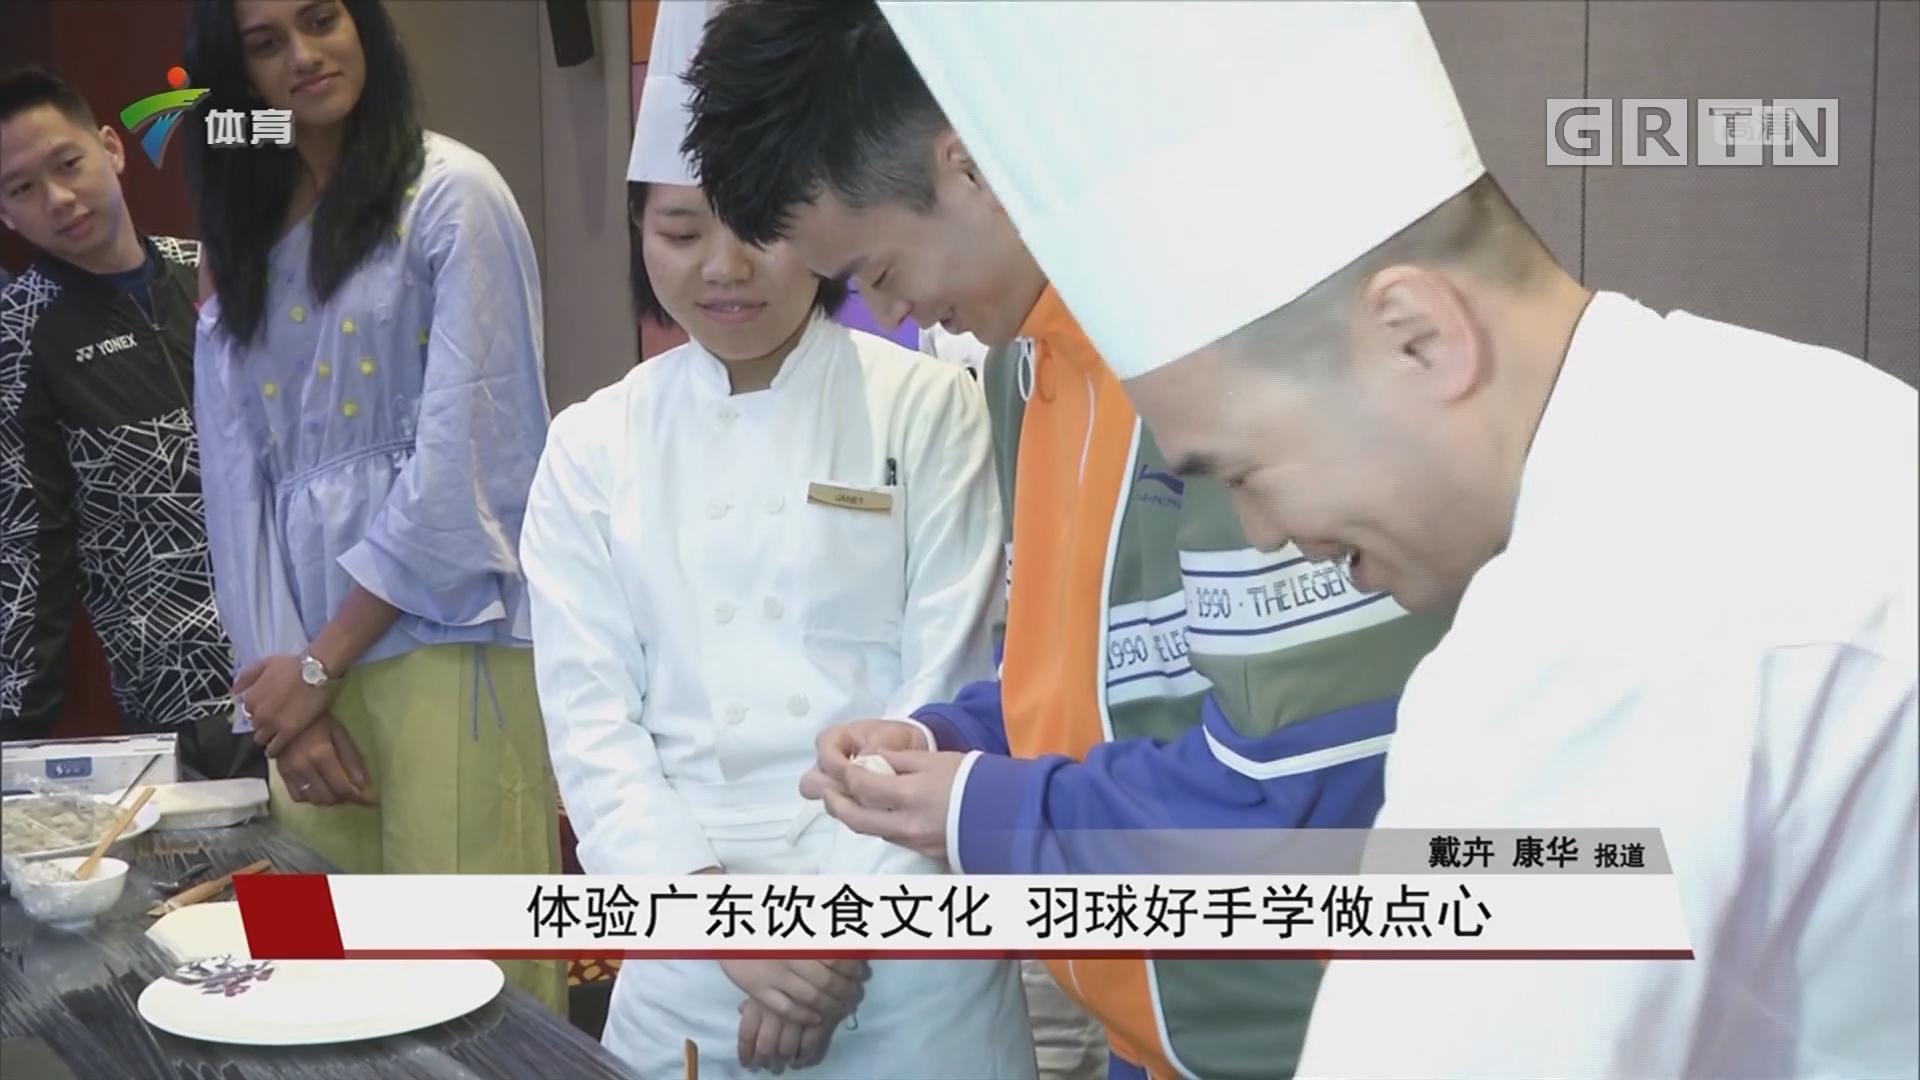 体验广东饮食文化 羽球好手学做点心